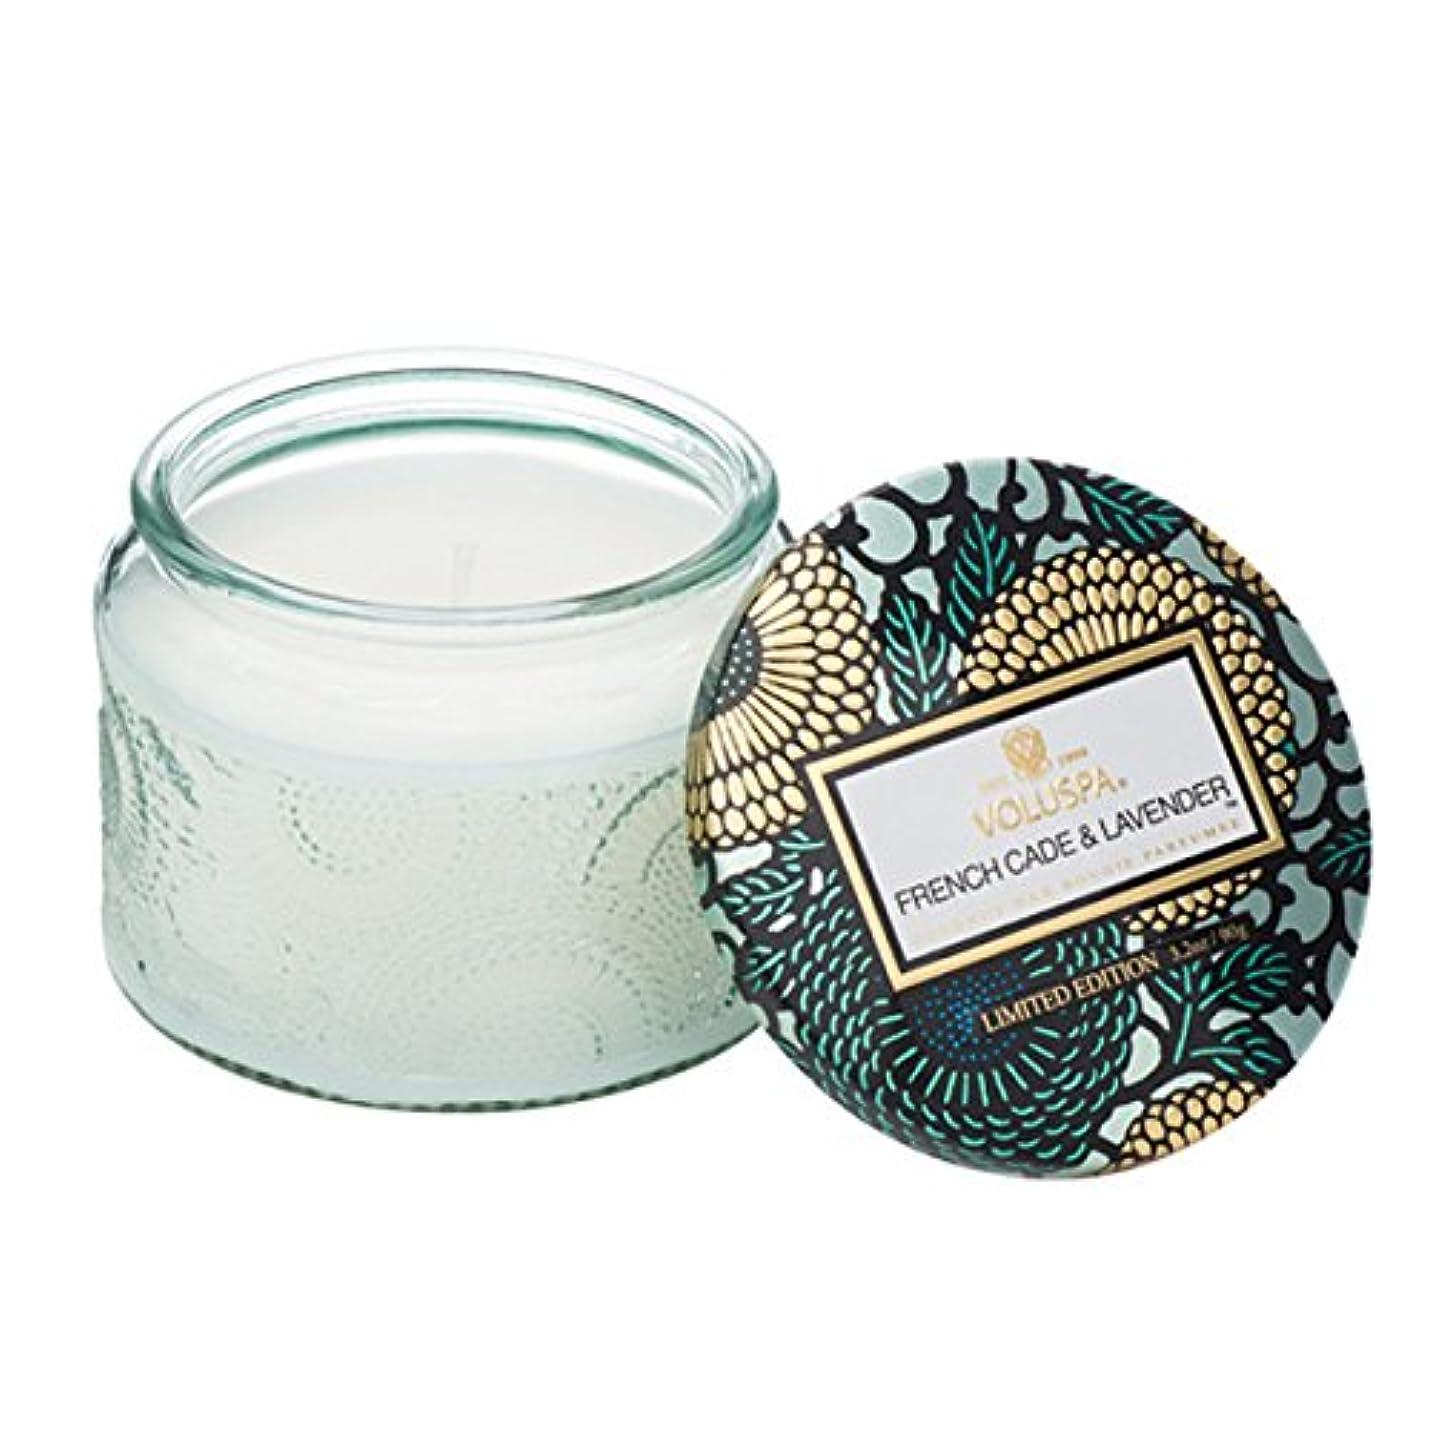 長椅子お父さんスキルVoluspa ボルスパ ジャポニカ リミテッド グラスジャーキャンドル  S フレンチケード&ラベンダー FRENCH CADE LAVENDER  JAPONICA Limited PETITE EMBOSSED Glass jar candle